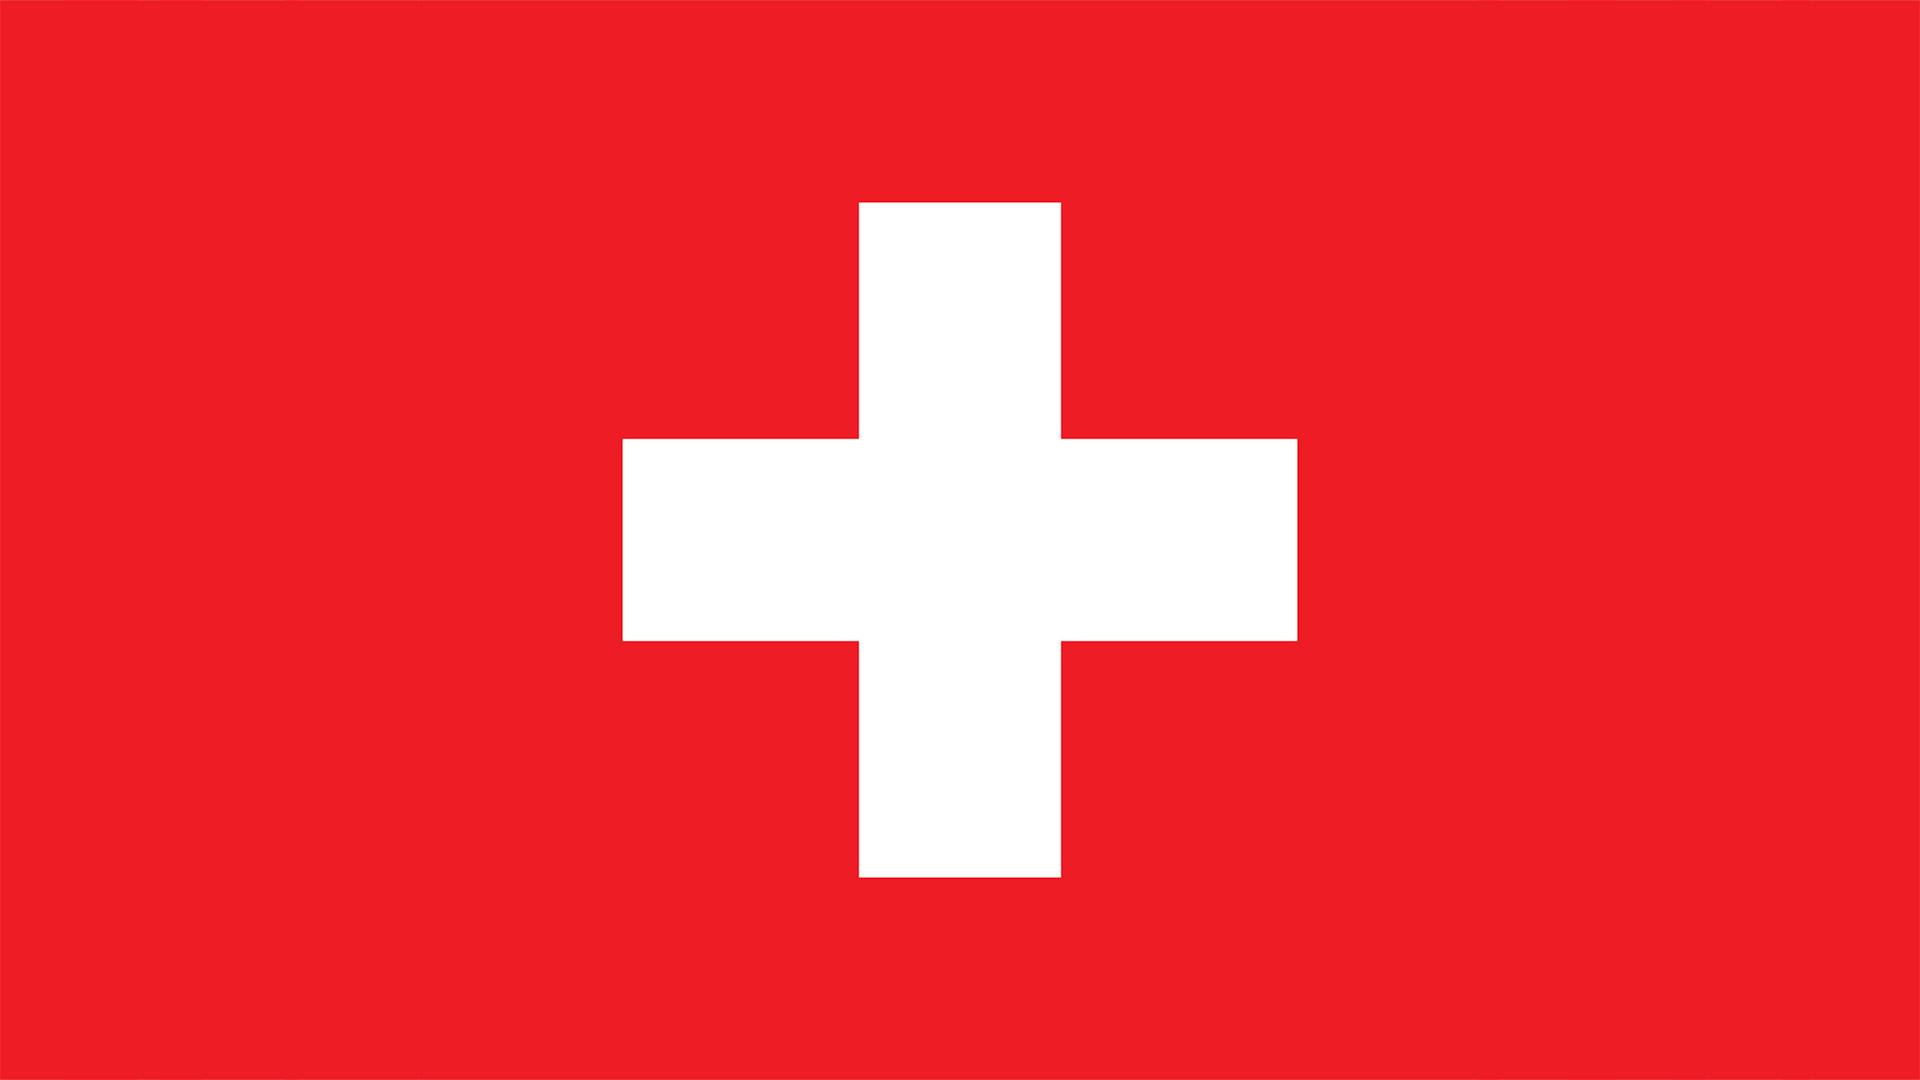 Die Flagge der Schweiz